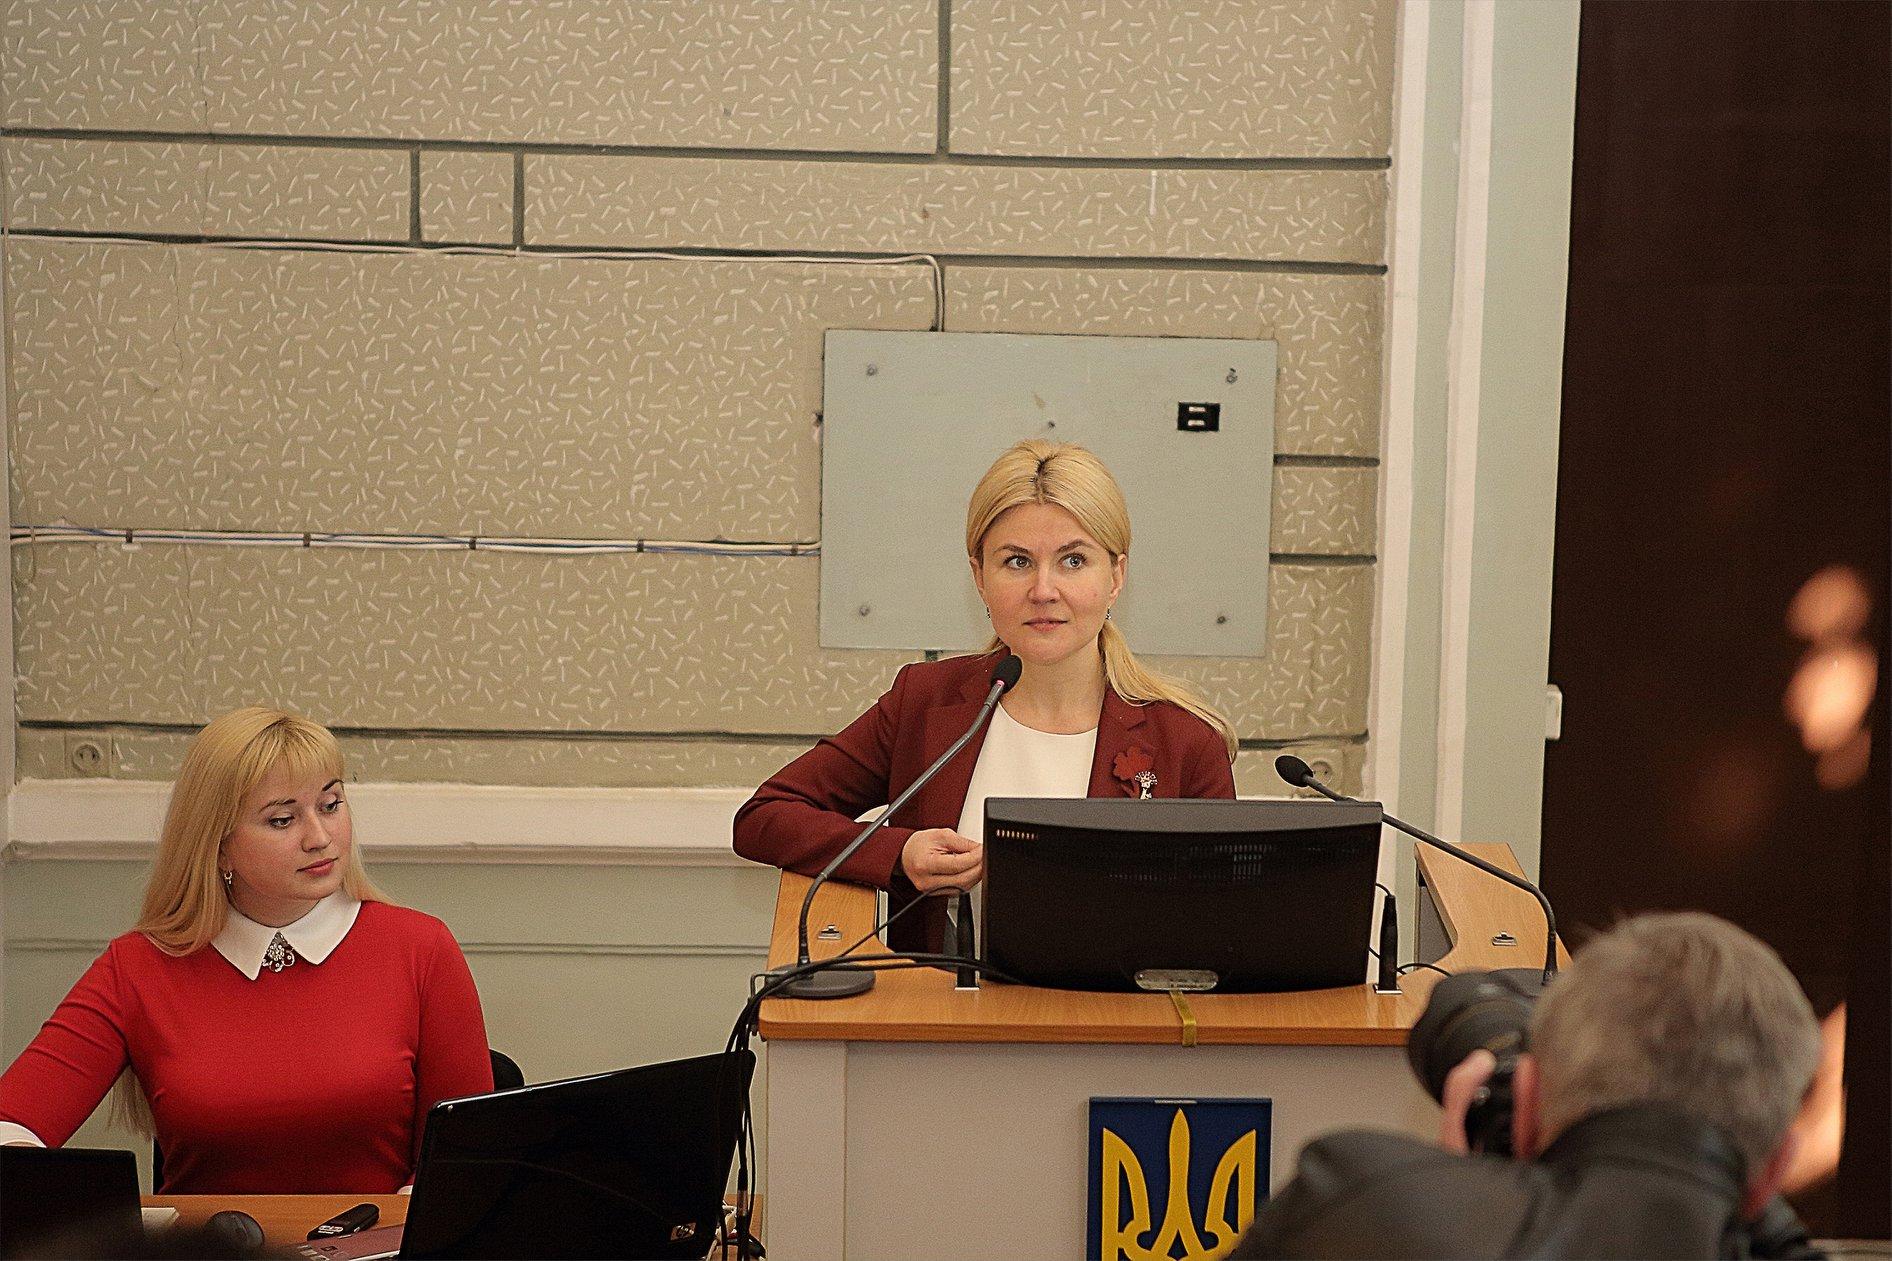 3-1 NIX Solutions участвует в строительстве Инновационного кампуса для харьковских IT-студентов